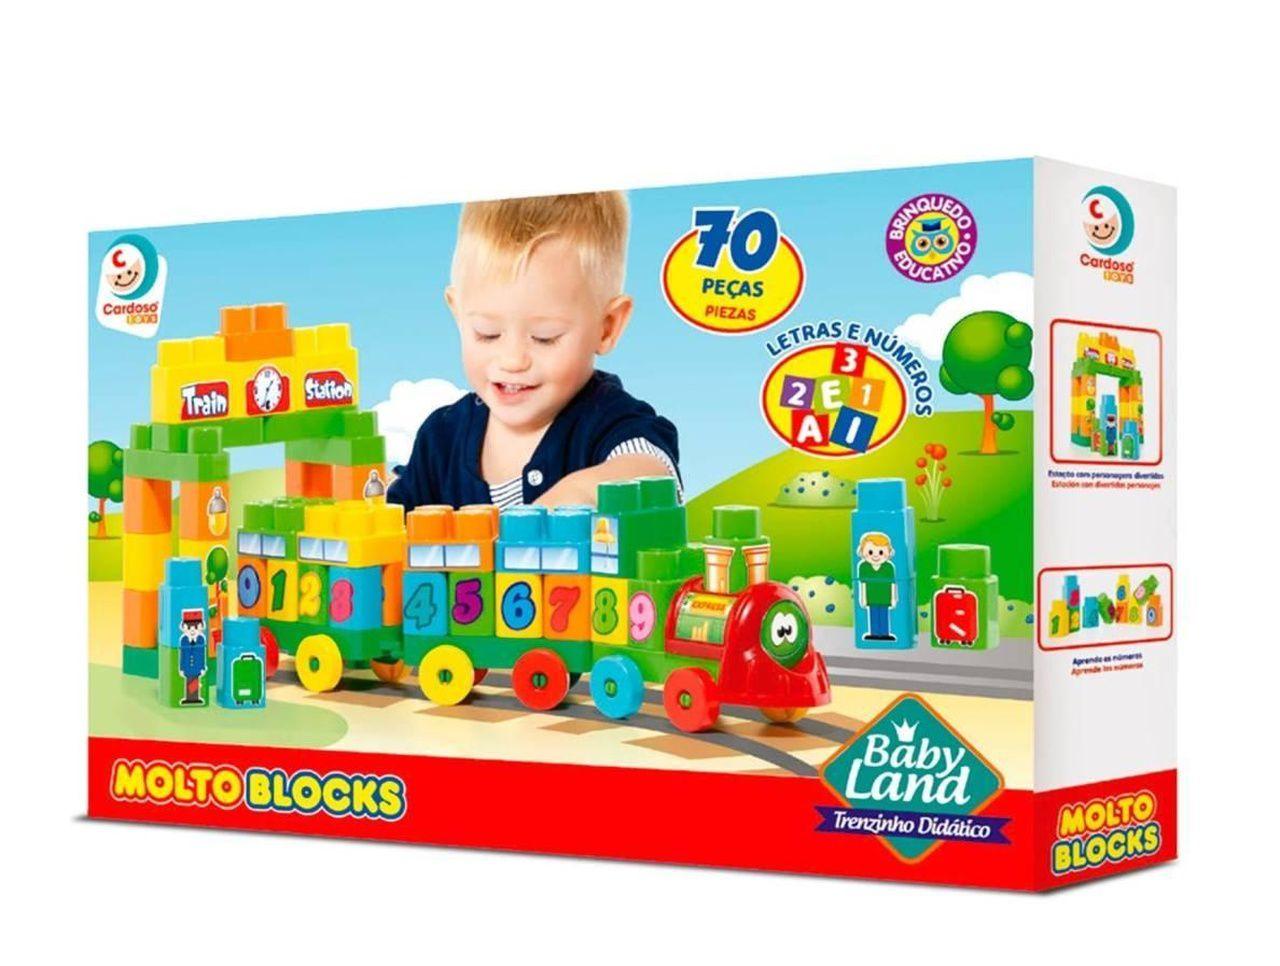 Brinquedo Infantil Trenzinho Didatico 70 Peças - Cardoso